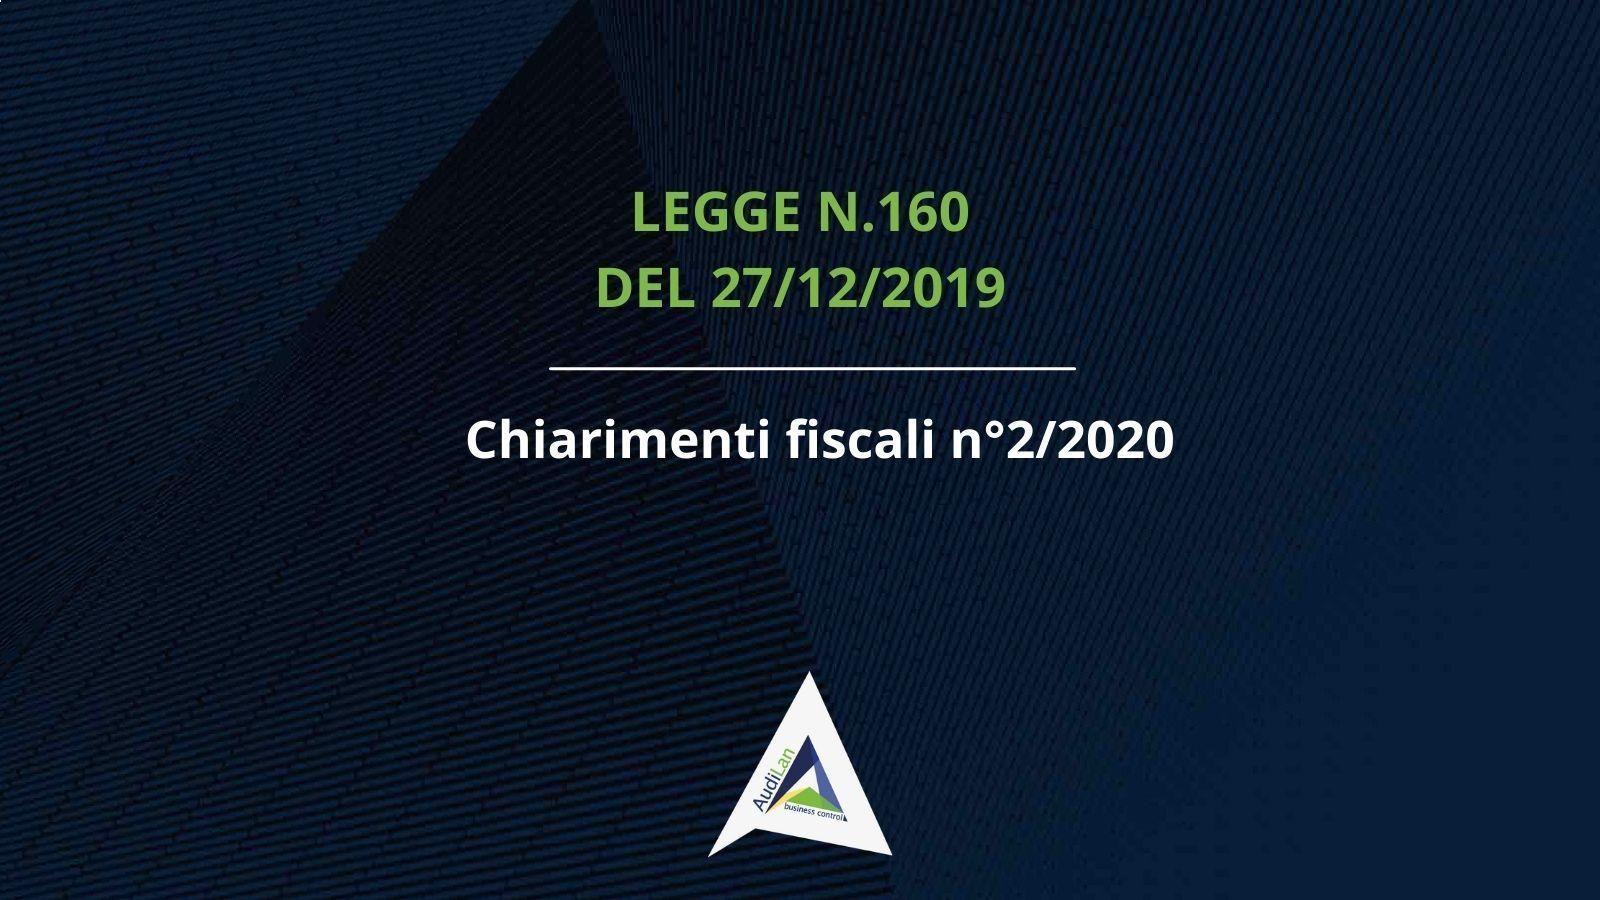 chiarimenti-fiscali-2-2020